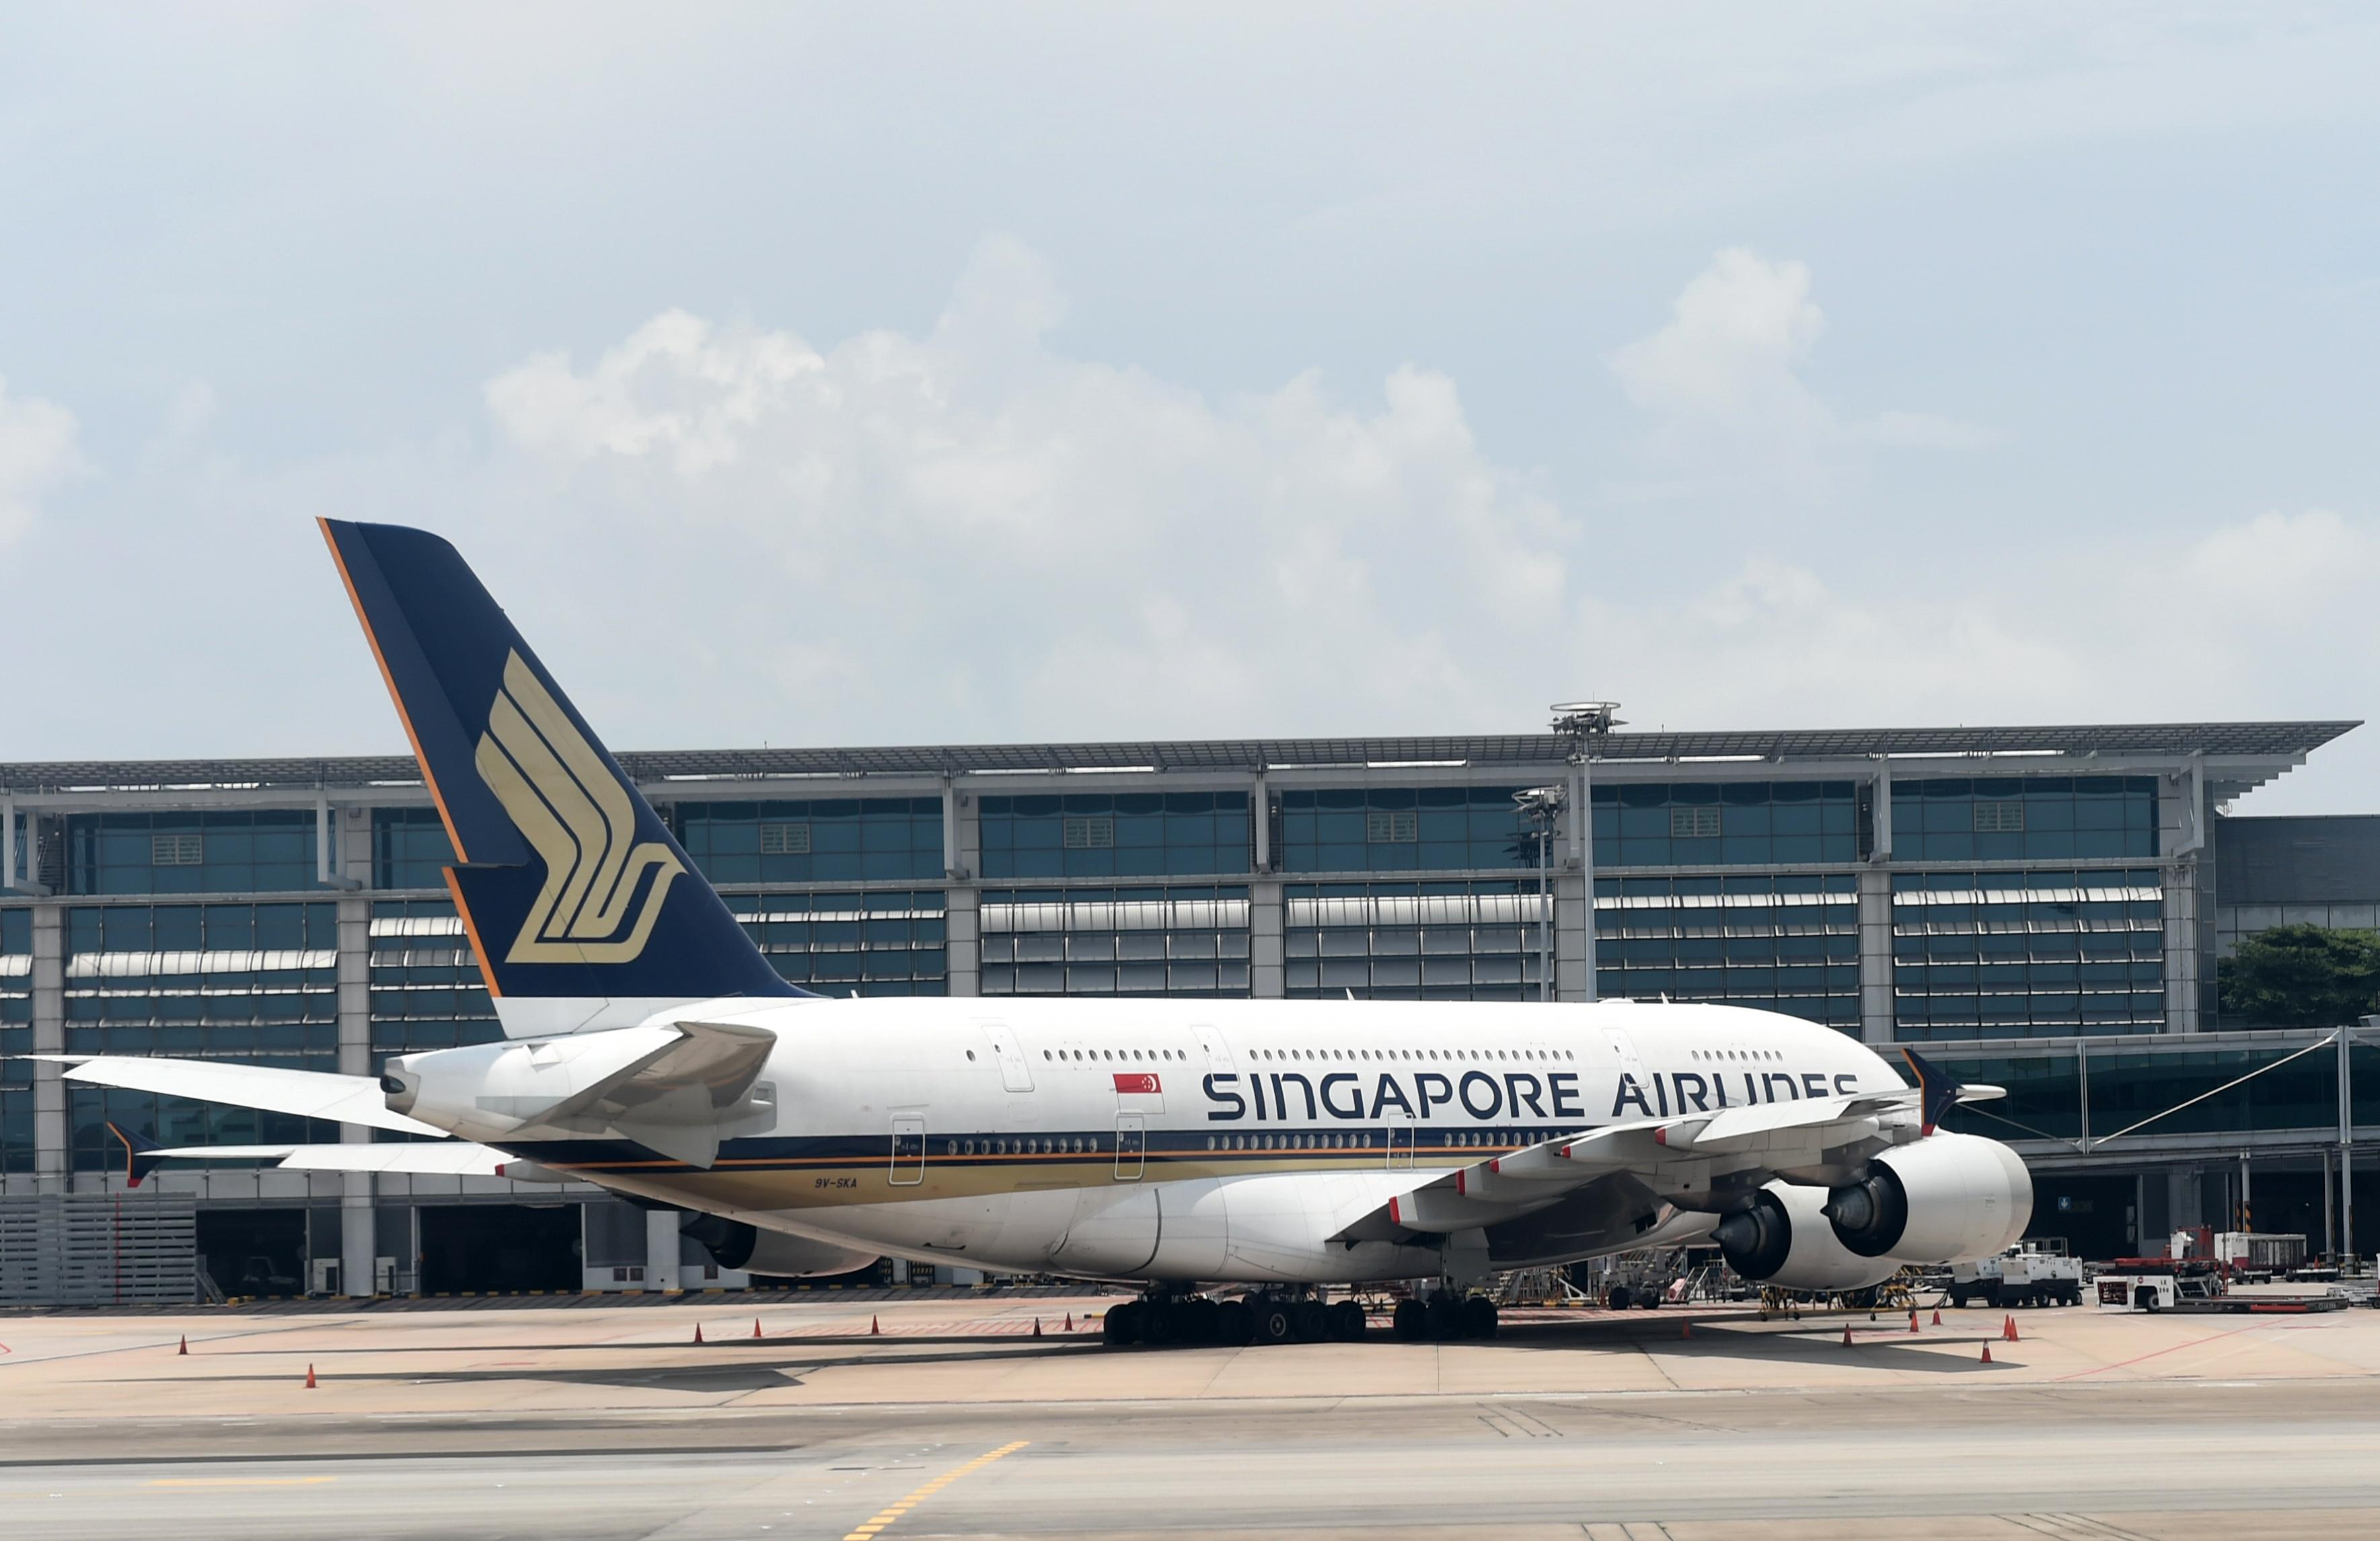 طائرة تابعة للخطوط الجوية السنغافورية